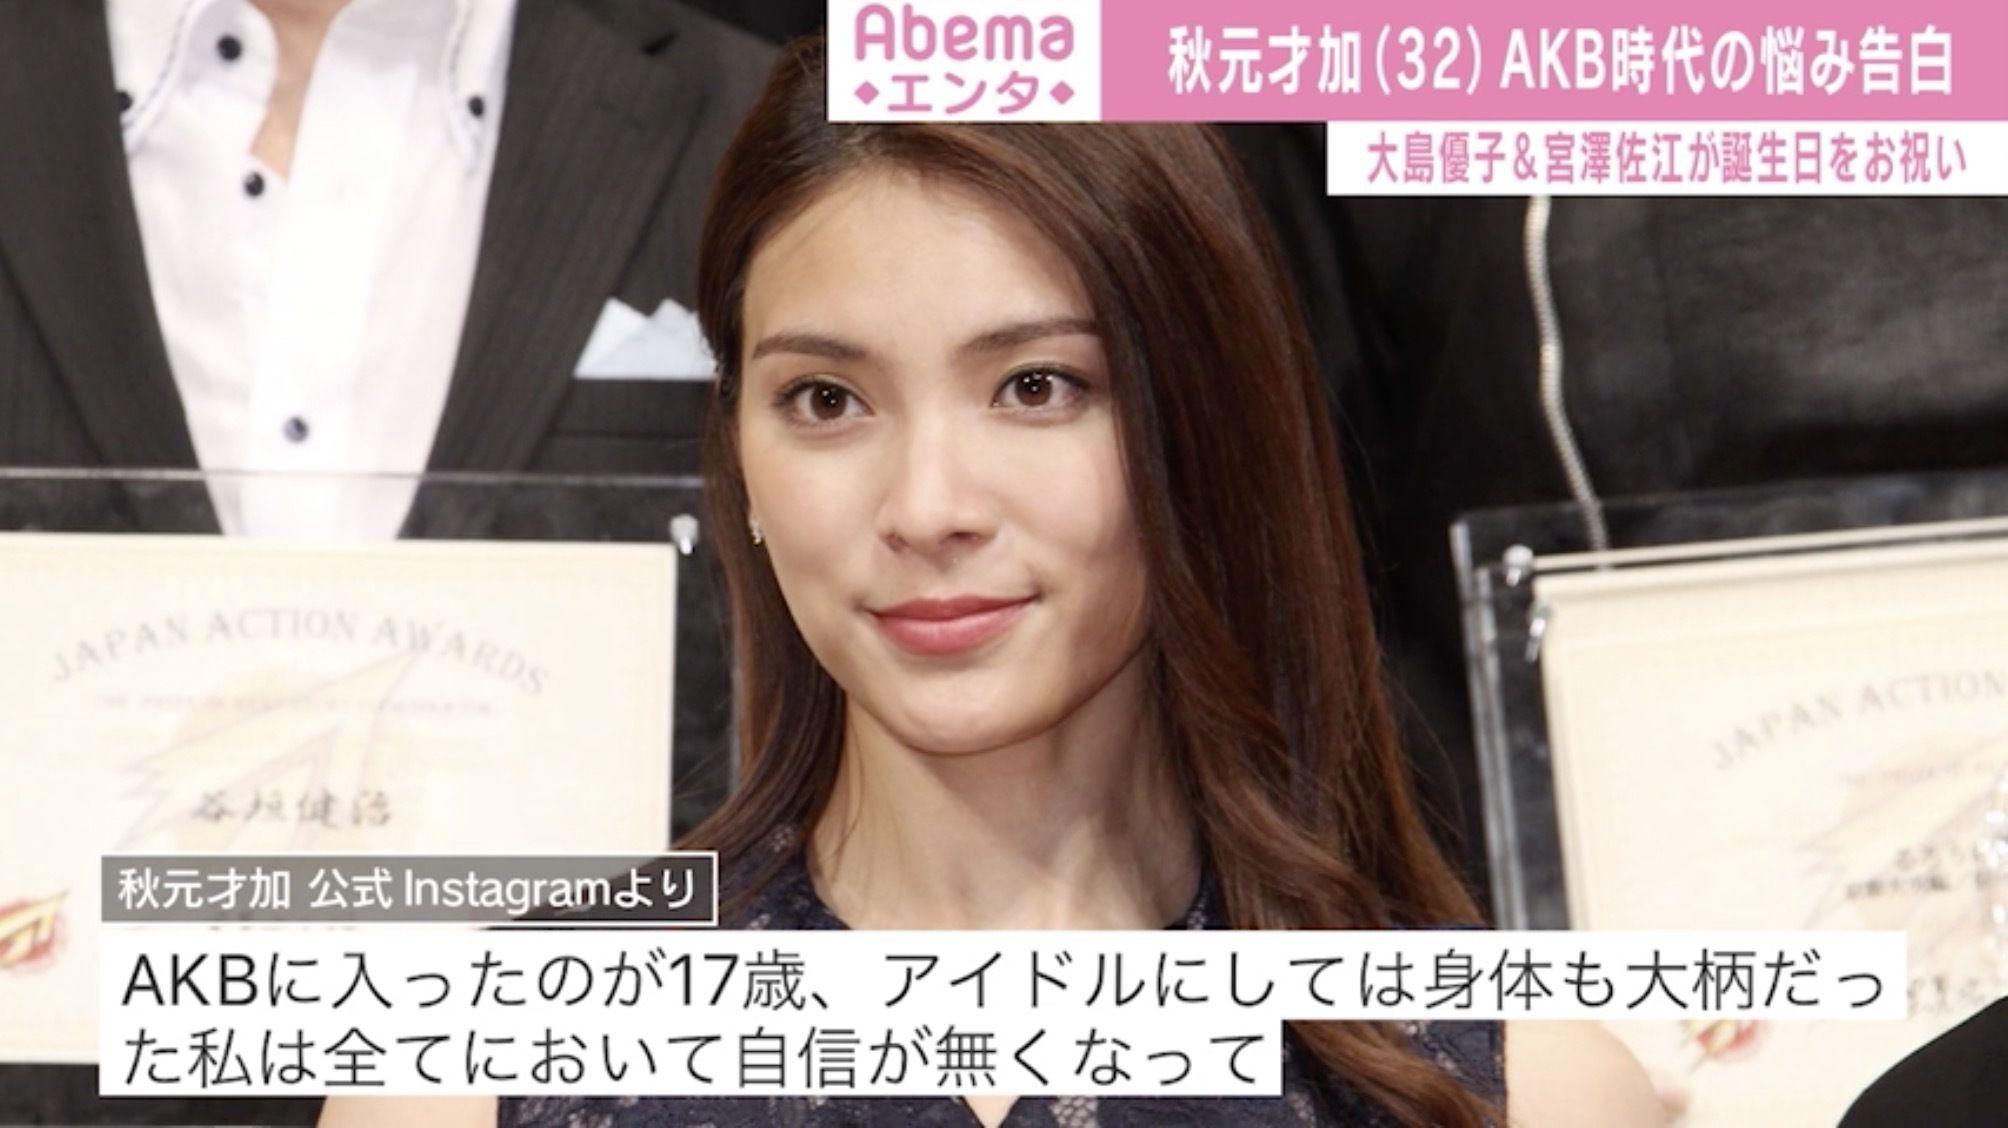 元akb48で女優の秋元才加が30日 自身のinstagramで グループ時代の同期 大島優子と宮澤佐江から32歳の誕生日を祝福されたことを報告した 3人はakb48でチームkの一員として活動をともにし 心を許しあっている友人という意味で 心友 と呼び合う間柄 秋元は 先日